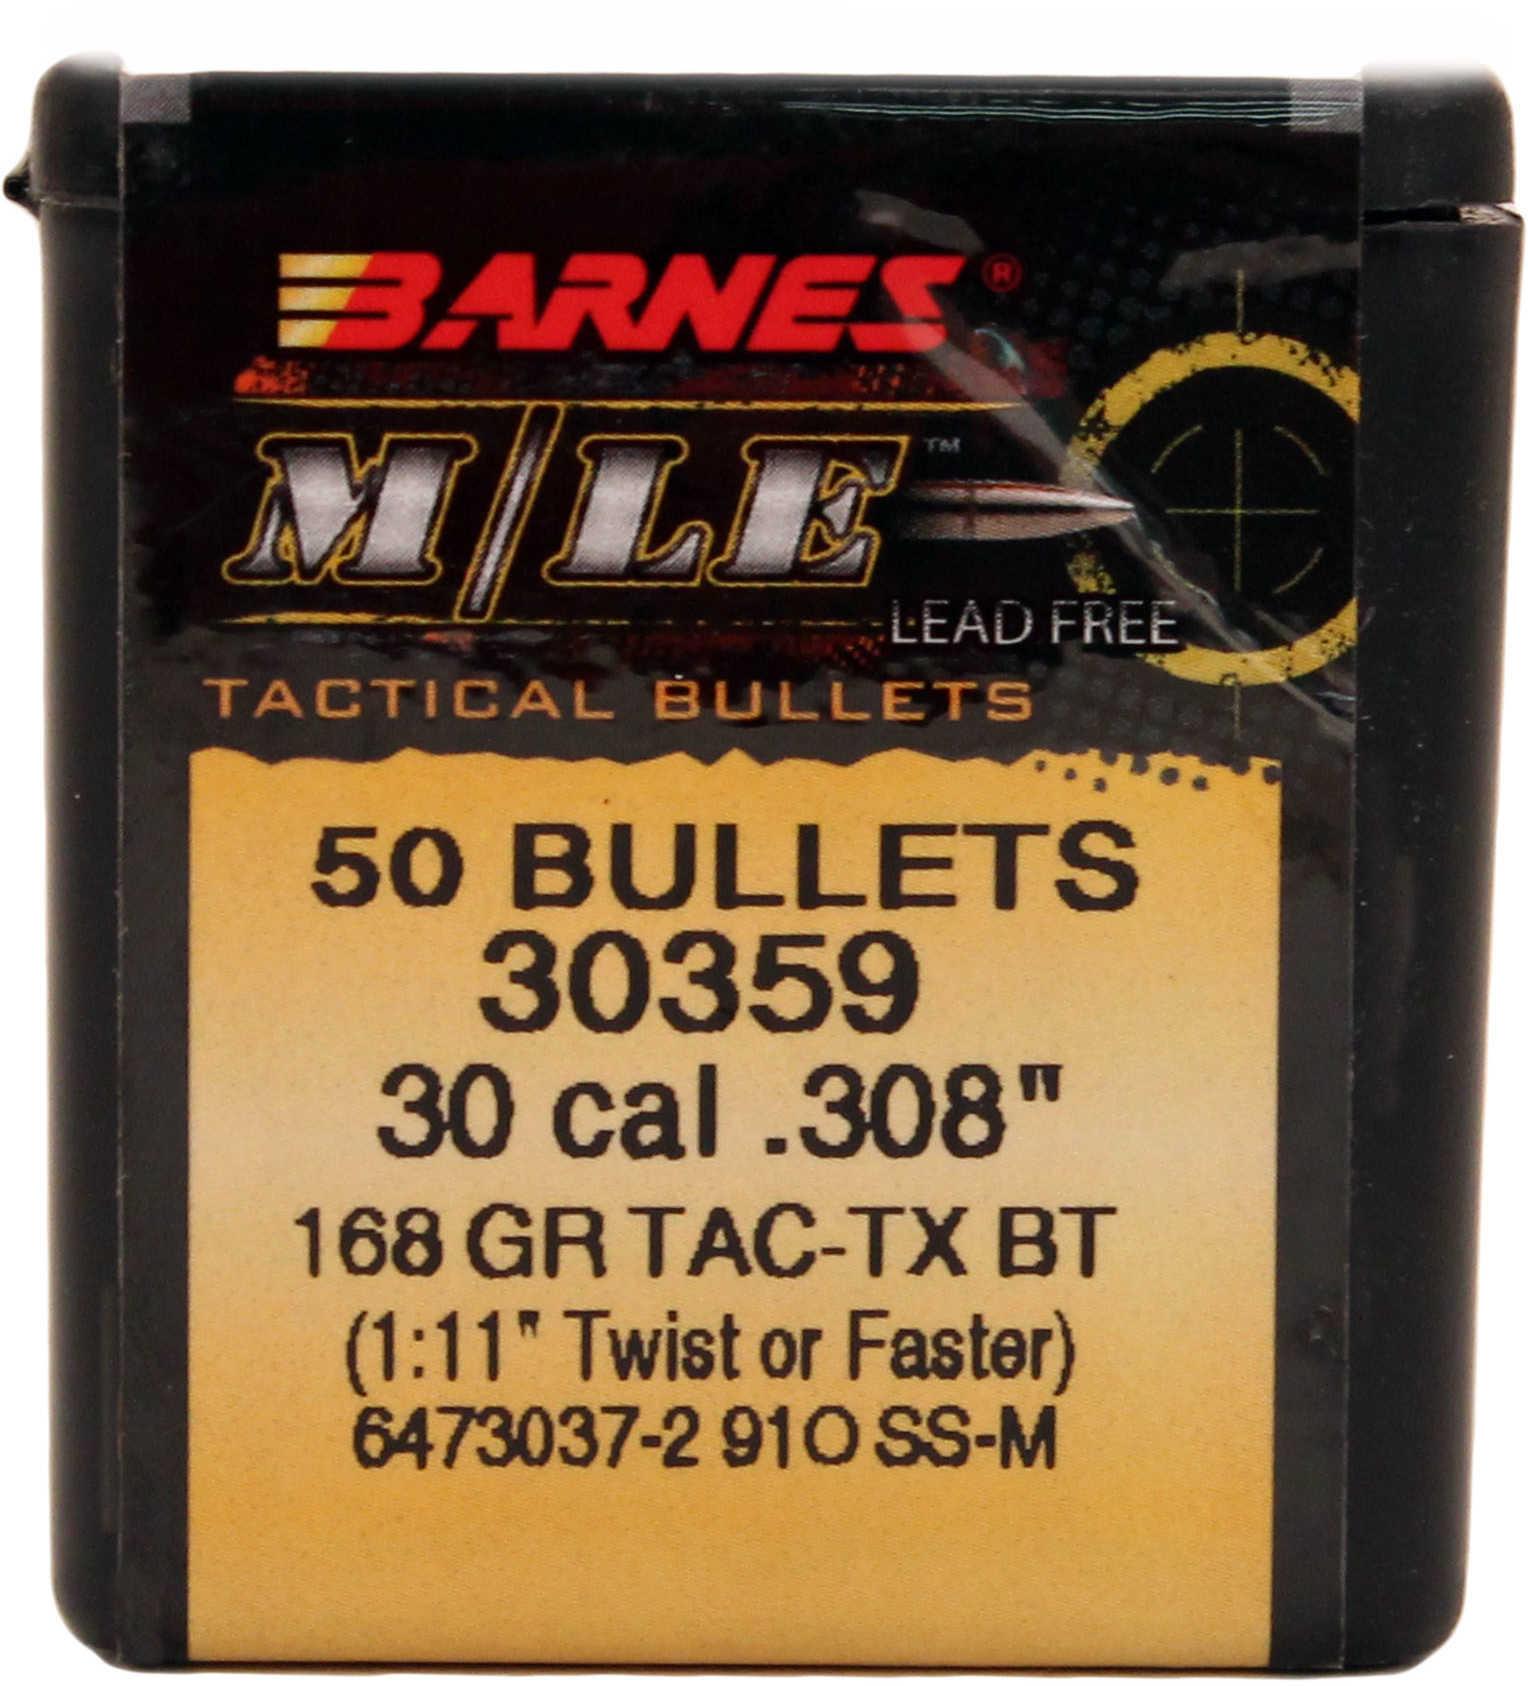 Barnes 30 Caliber (.308) TACTX-BT 168 Grains Per 50 Md: 30856 Bullets